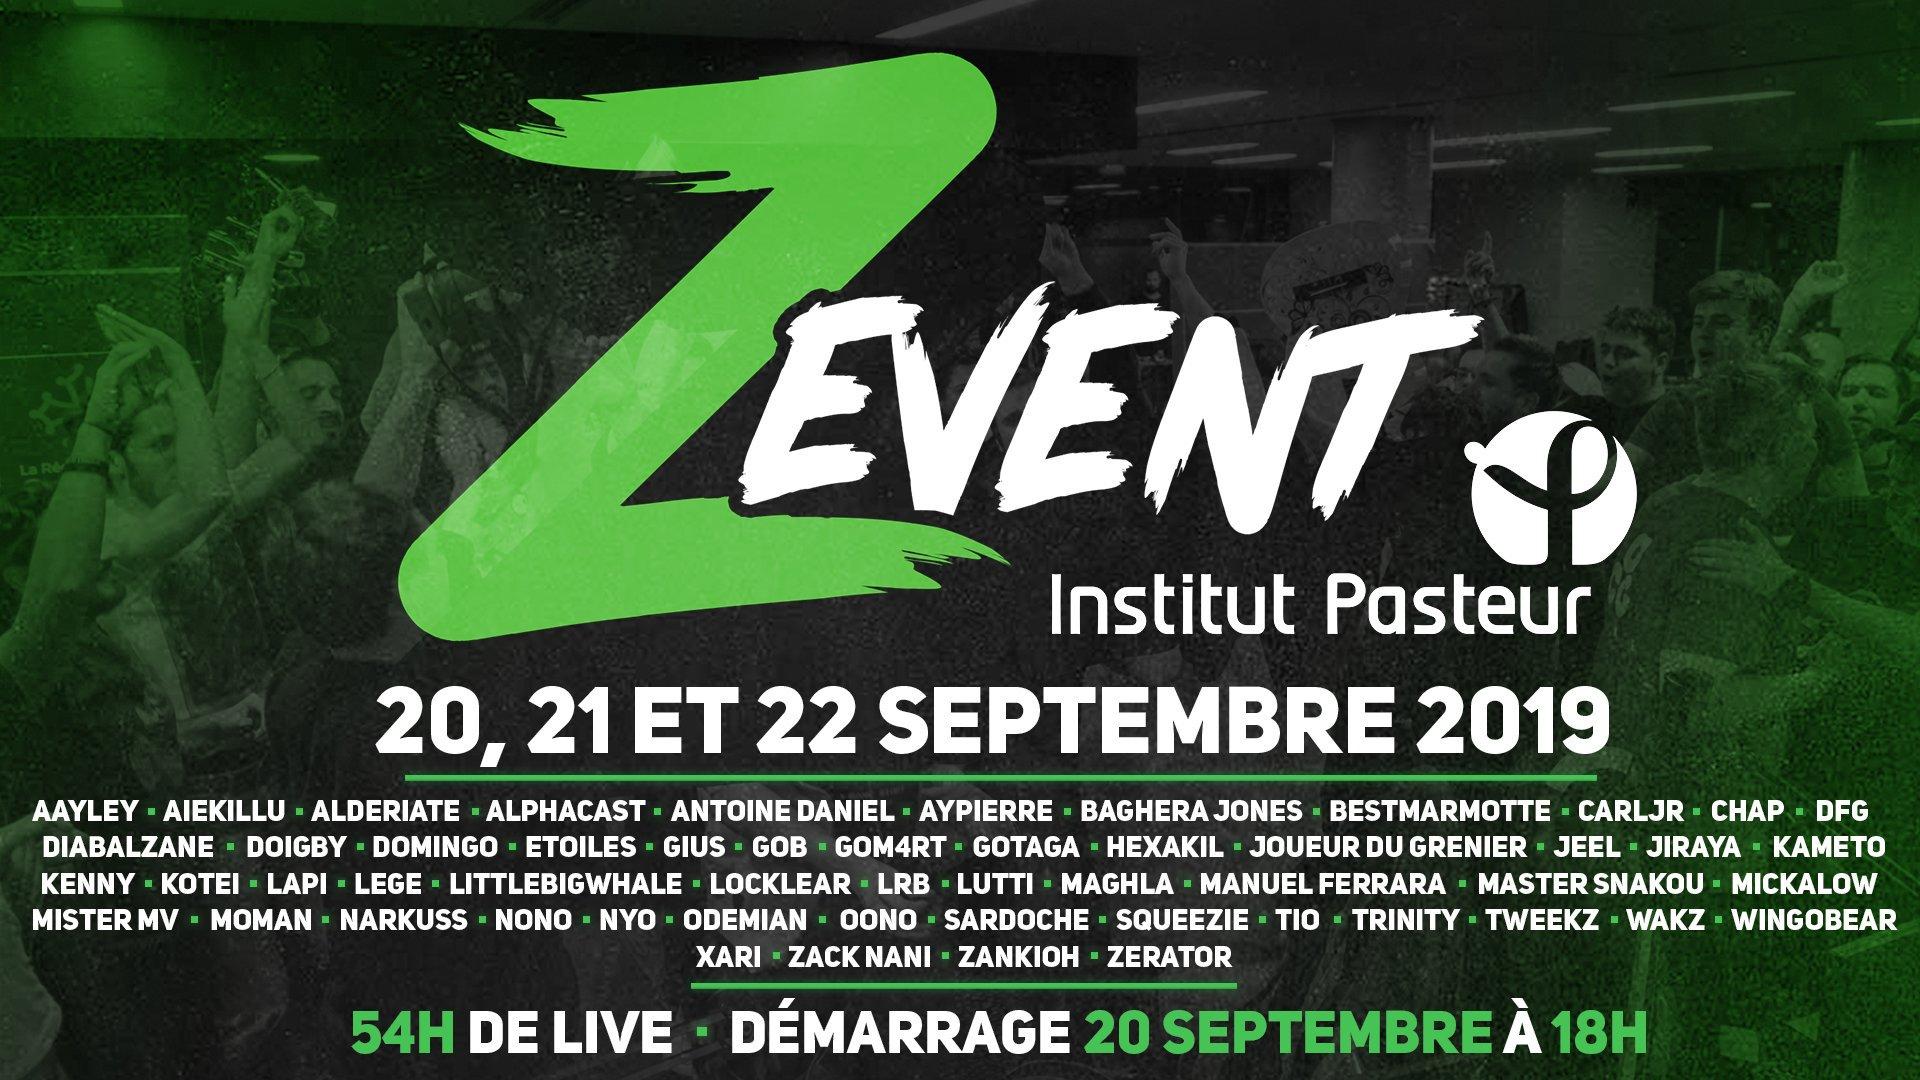 Z EVENT 2019 : du 20 au 22 septembre 2019